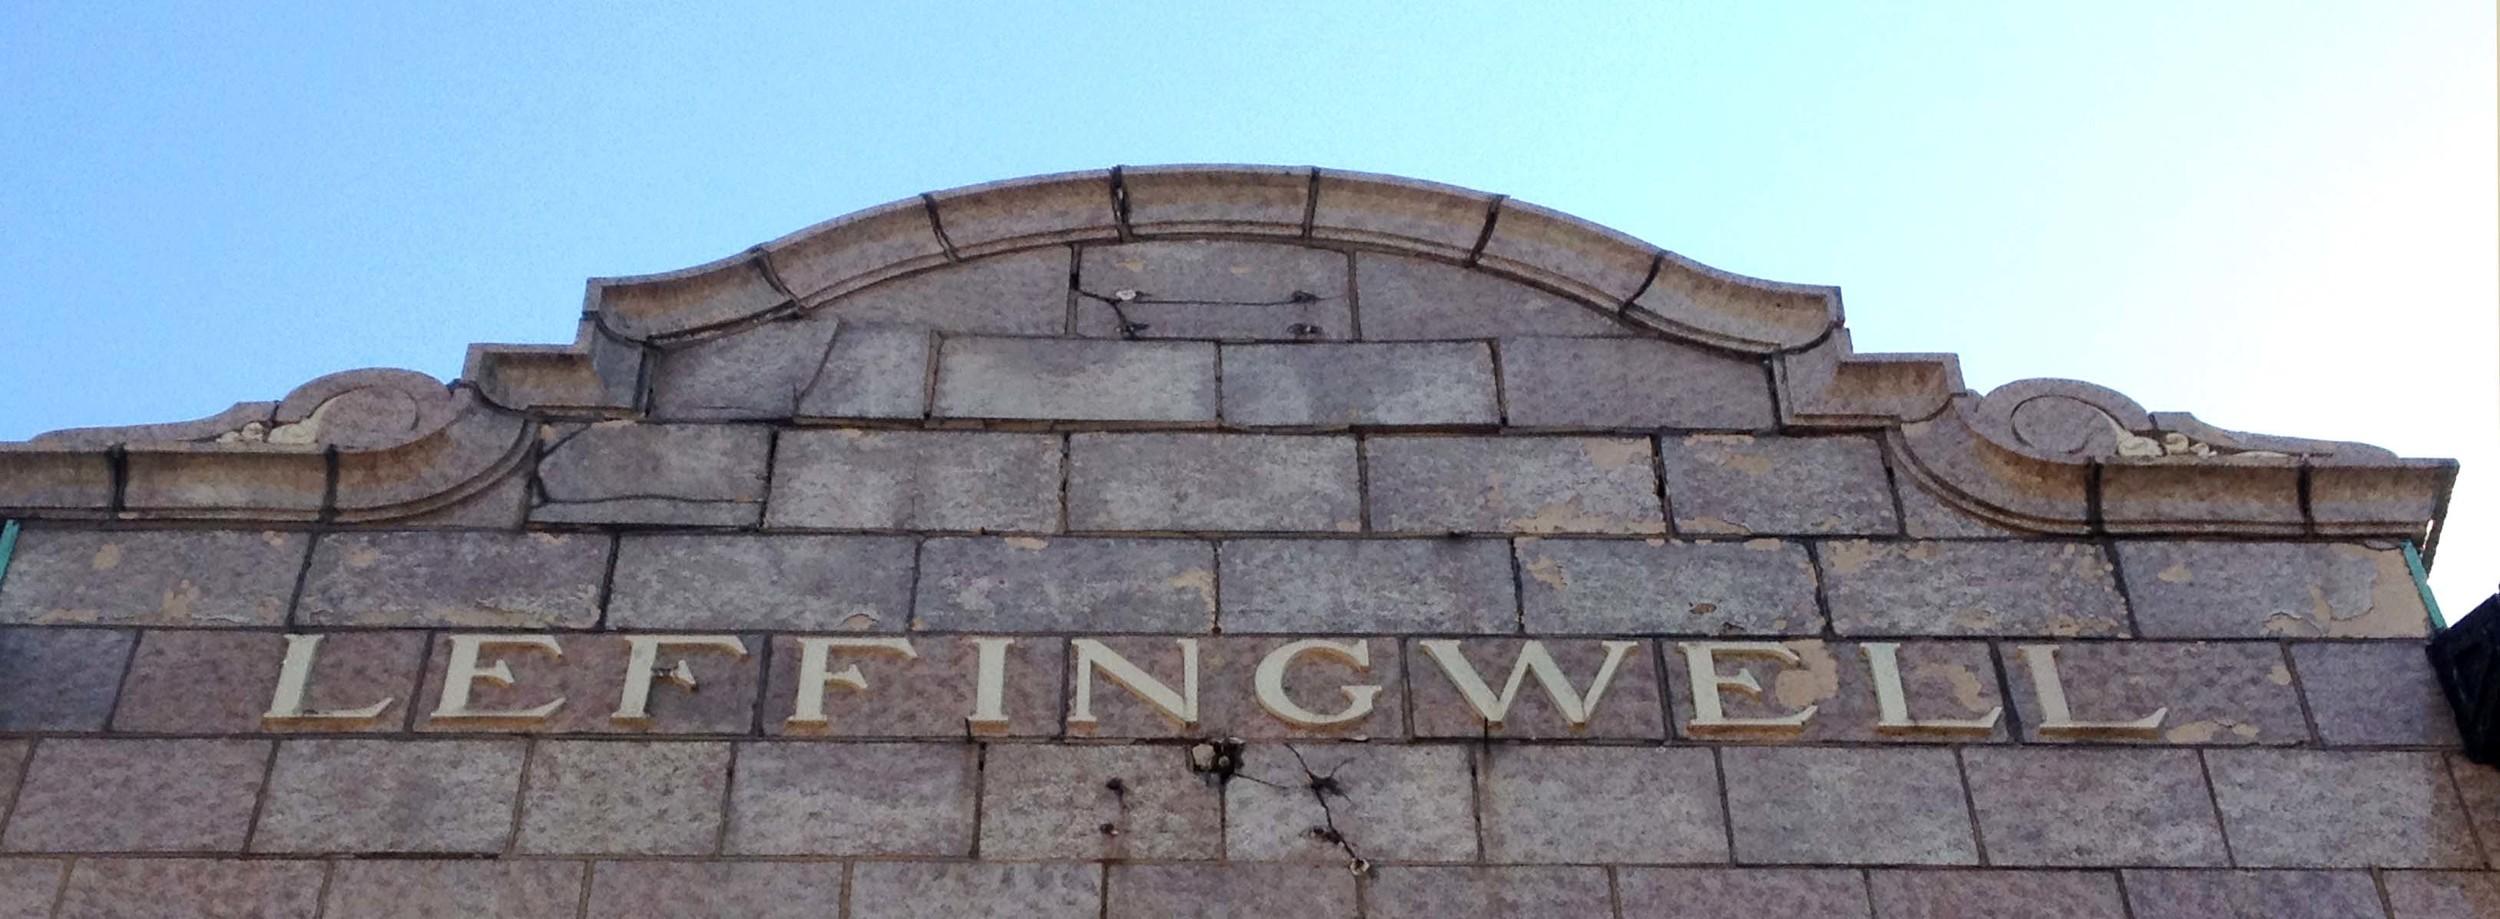 Leffingwell.jpg